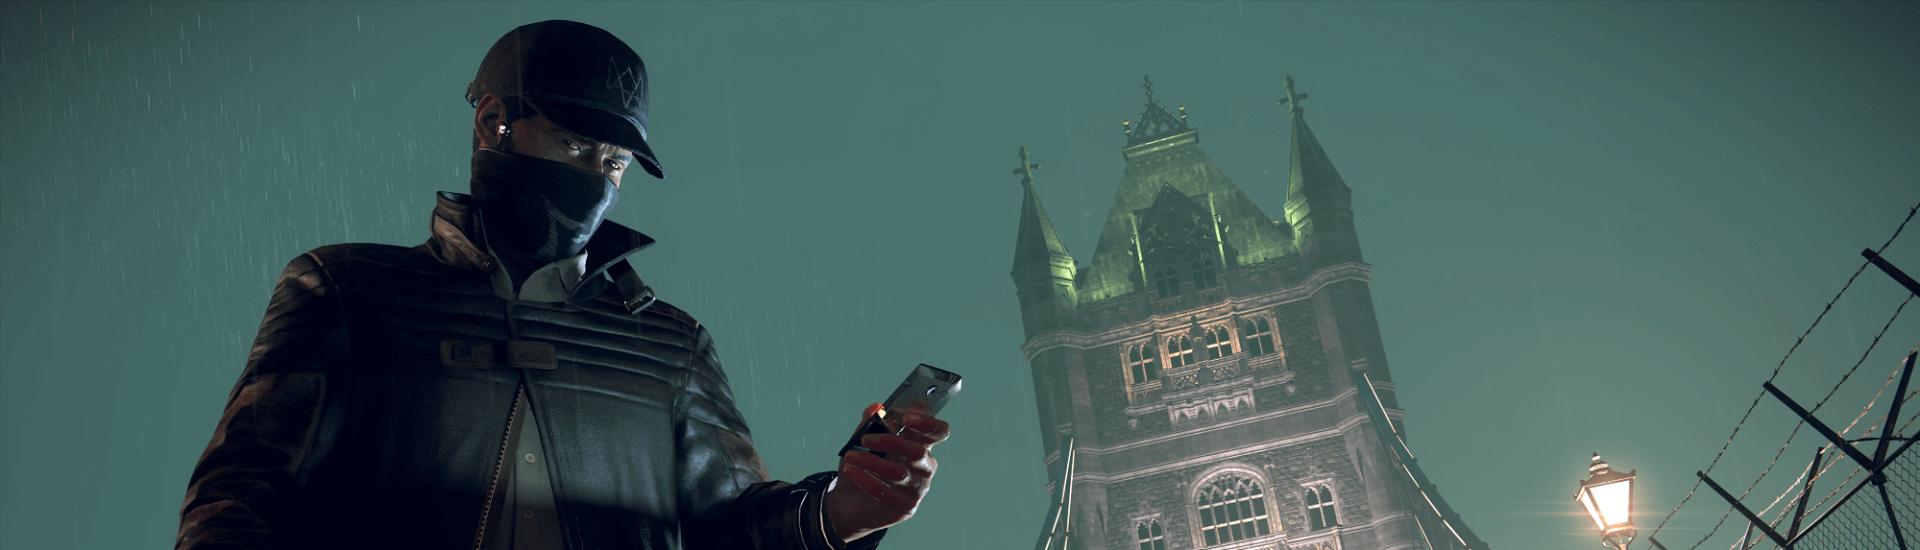 """Alarm bei Ubisoft: Hacker haben """"Watch Dogs Legion"""" gehackt und Daten veröffentlicht"""